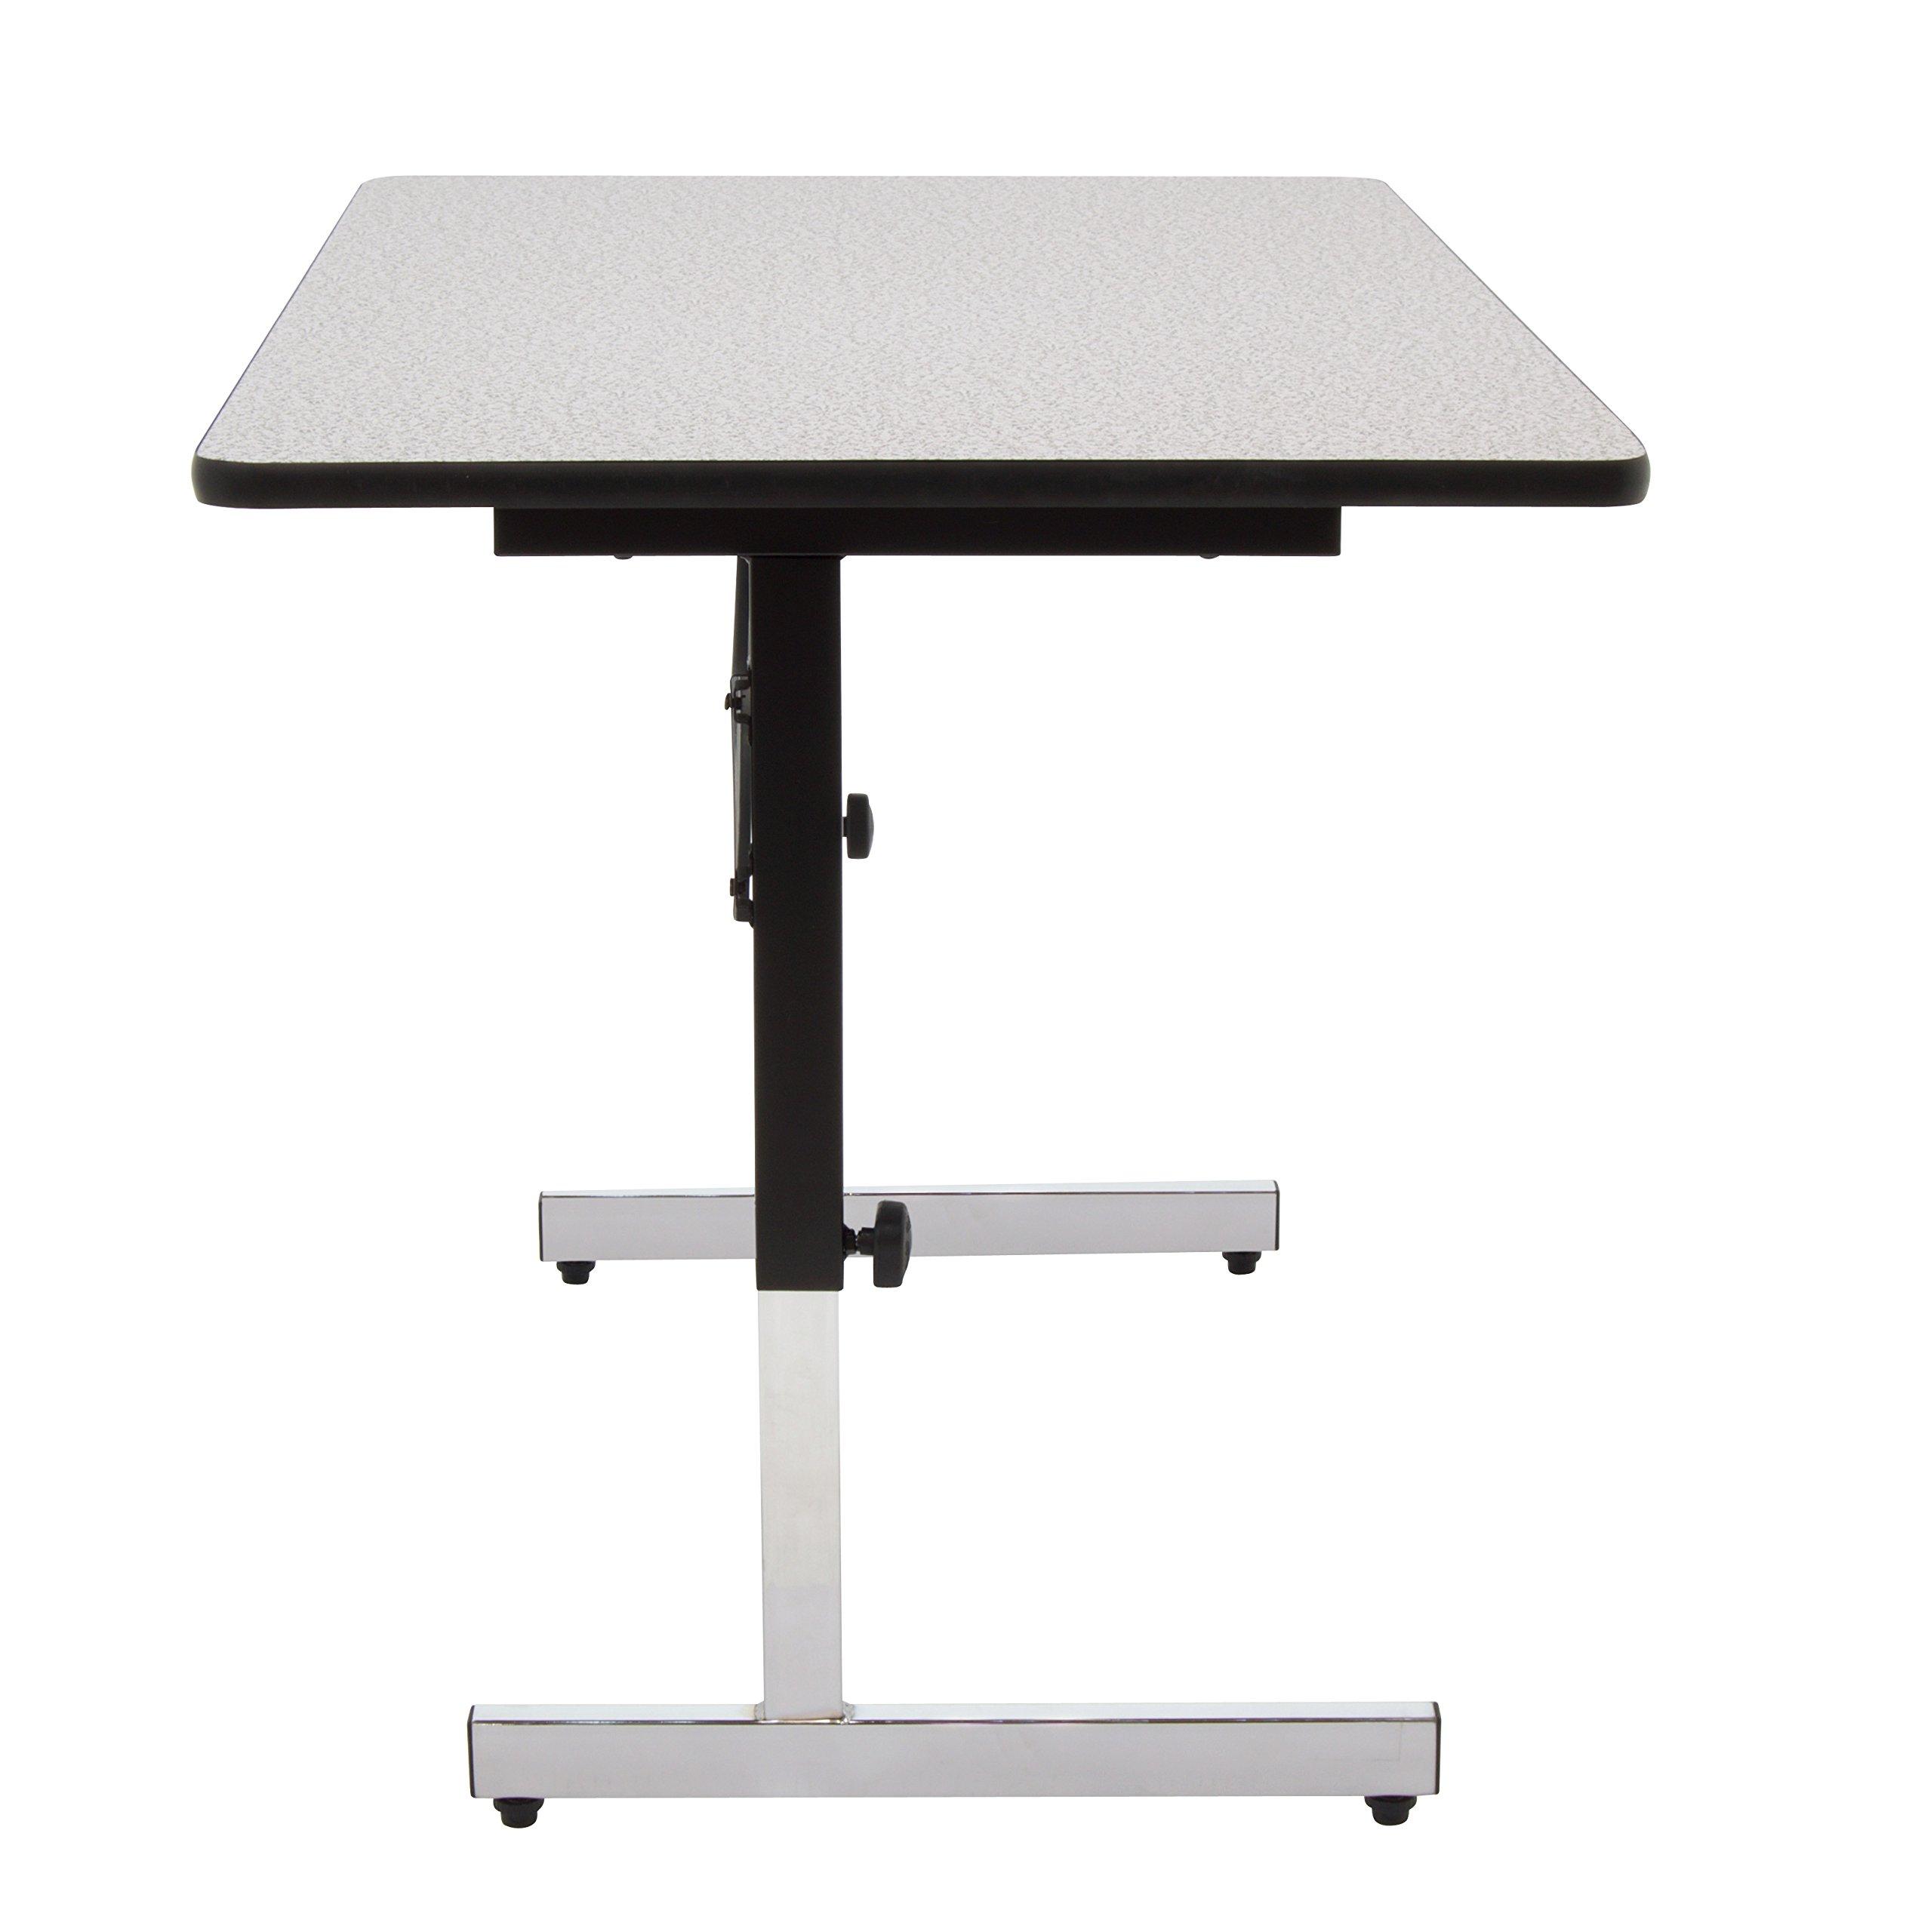 Calico Designs 410382.0 Adapta Desk, 48'', Black/Spatter Gray by Calico Designs (Image #5)